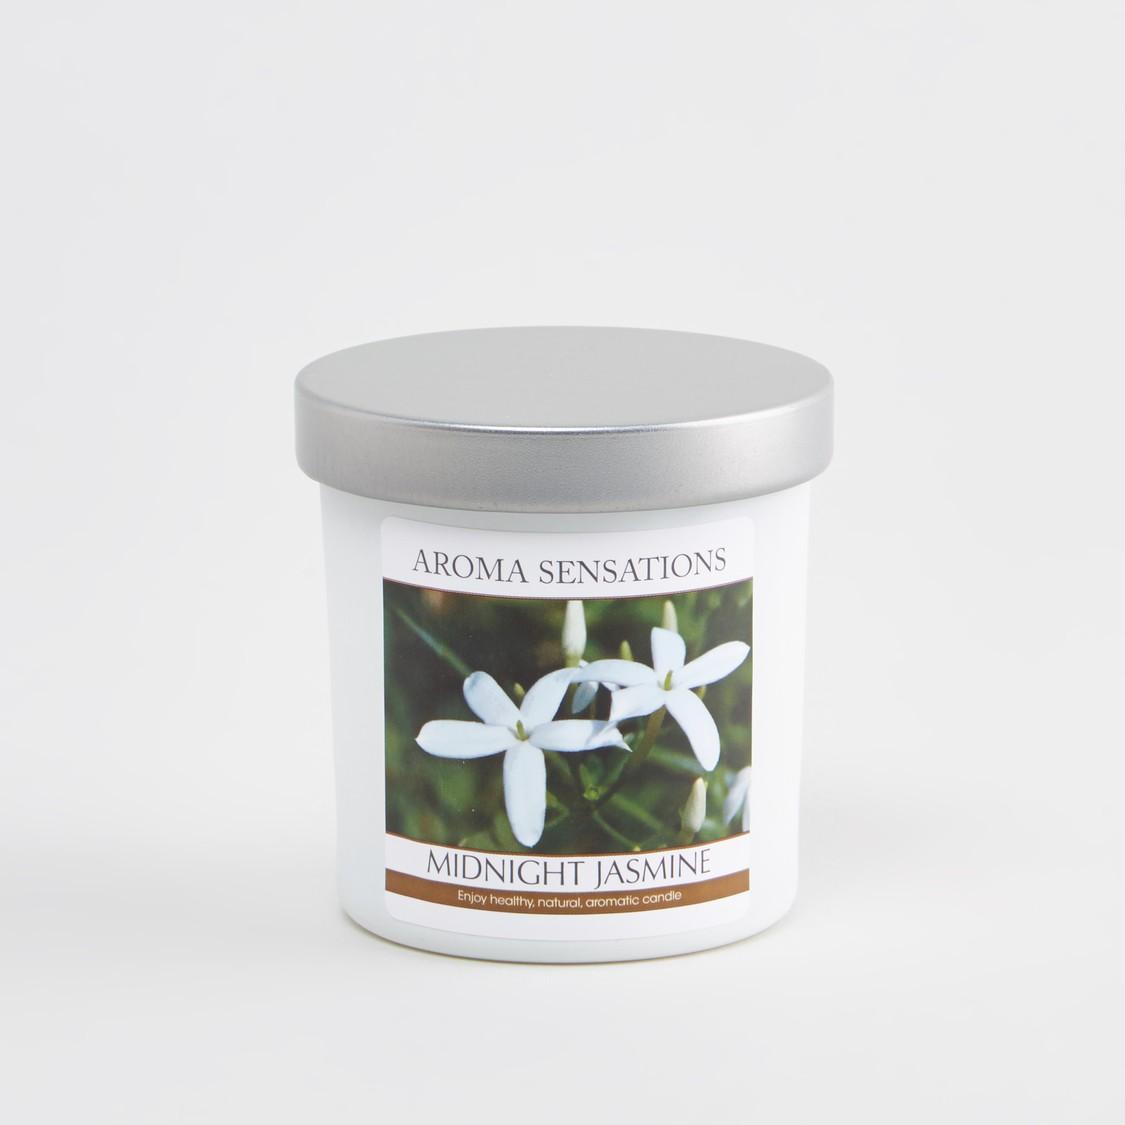 Aroma Sensations Midnight Jasmine Candle Jar